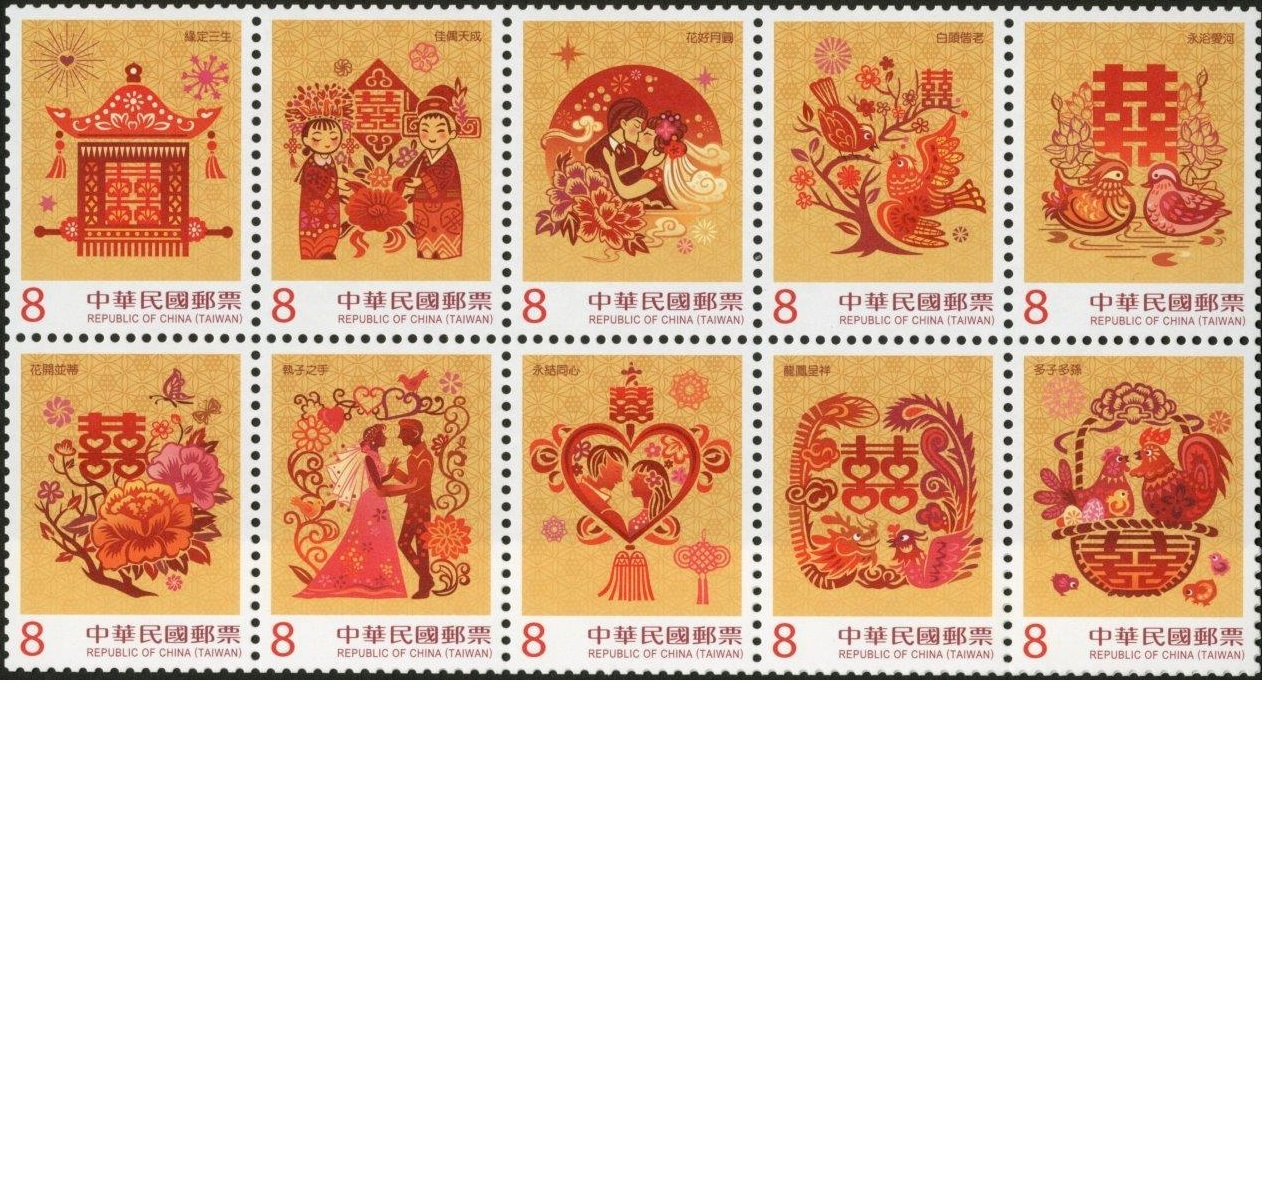 祝福郵票(續2)8元10張連刷